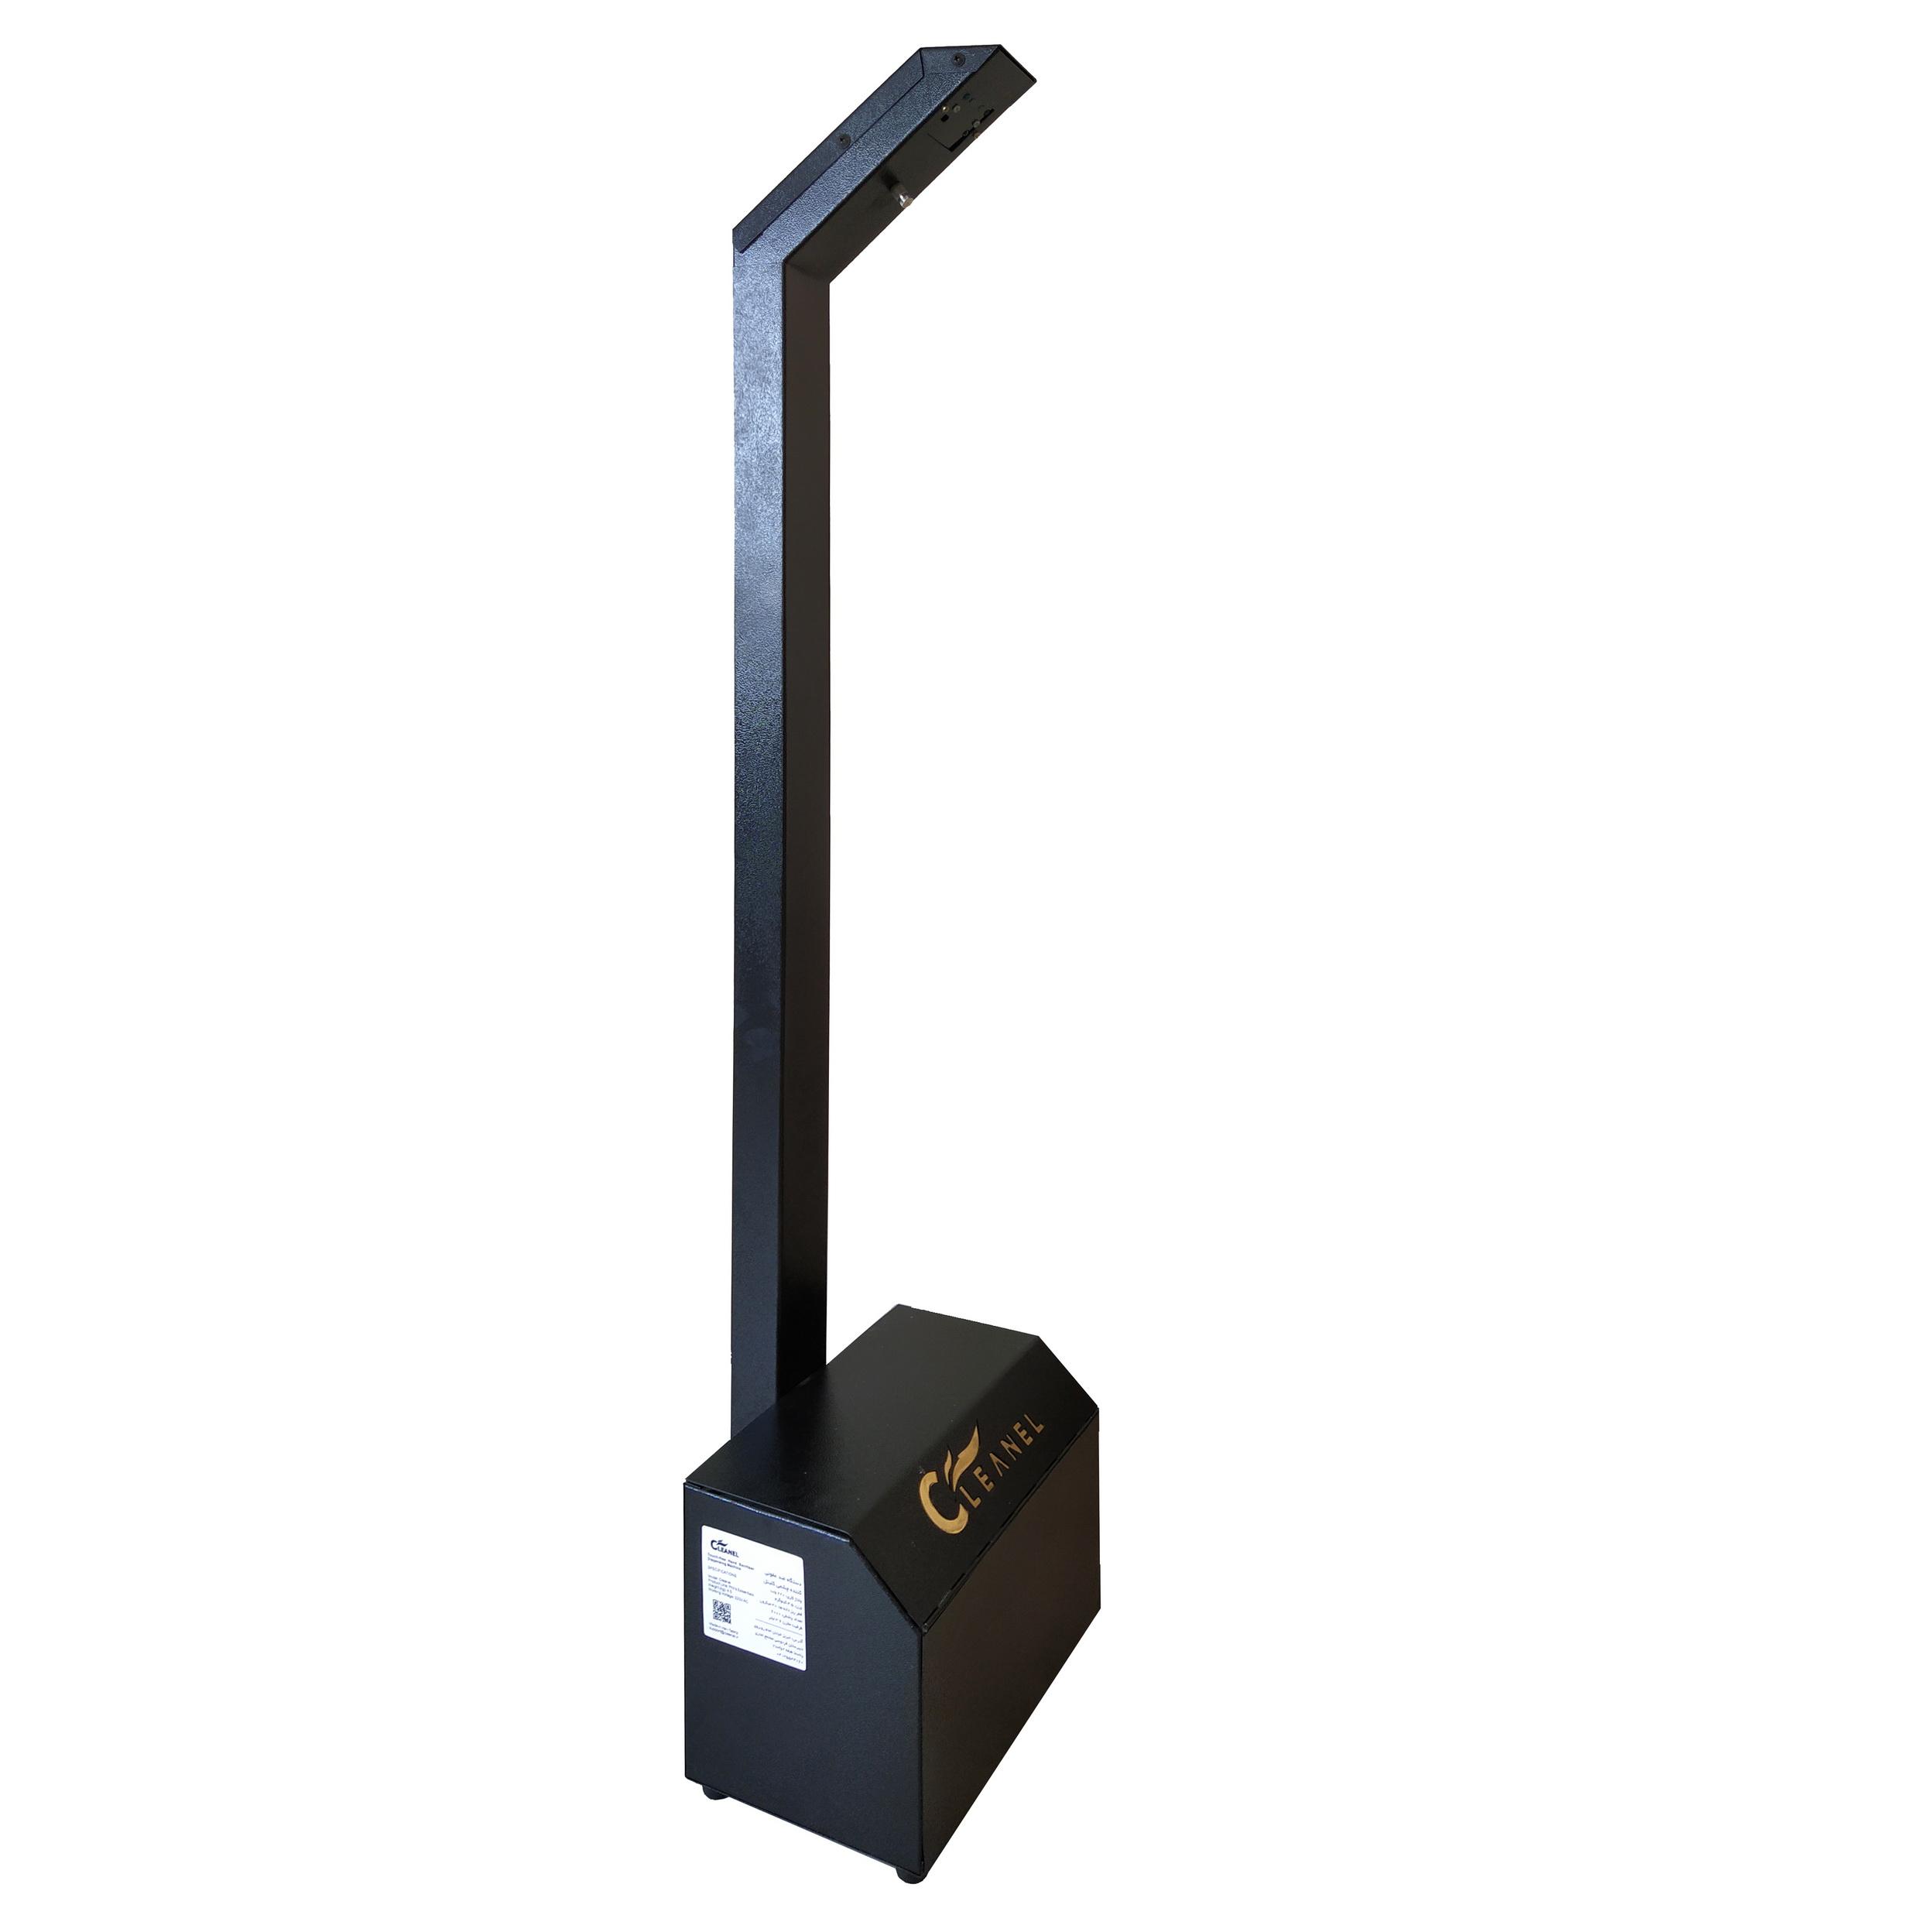 دستگاه ضدعفونی کننده دست کلینل مدل CLs009